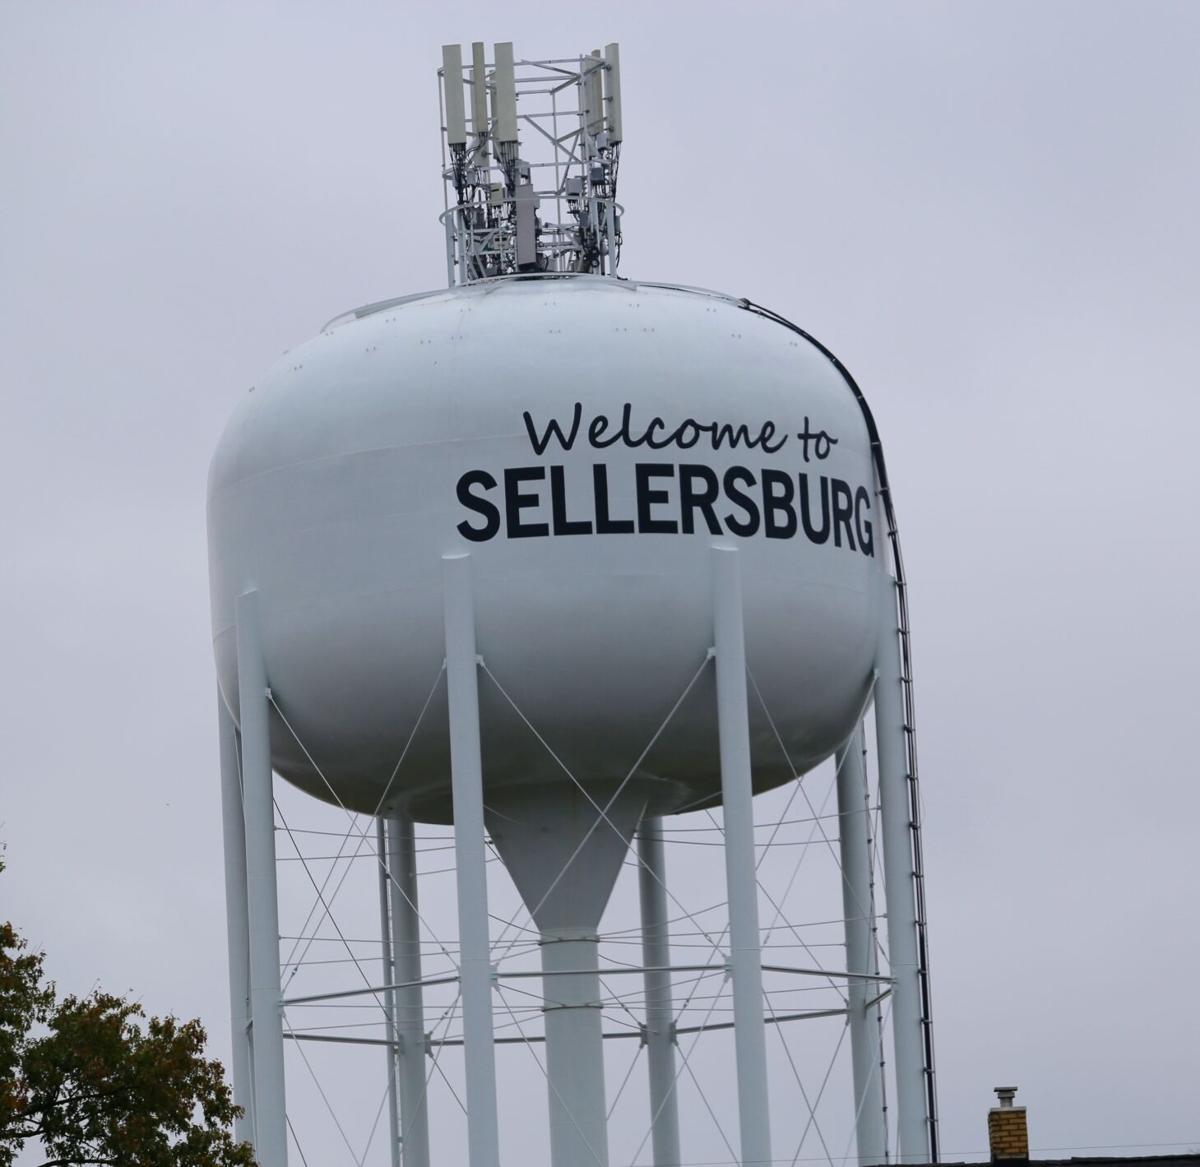 Sellersburg